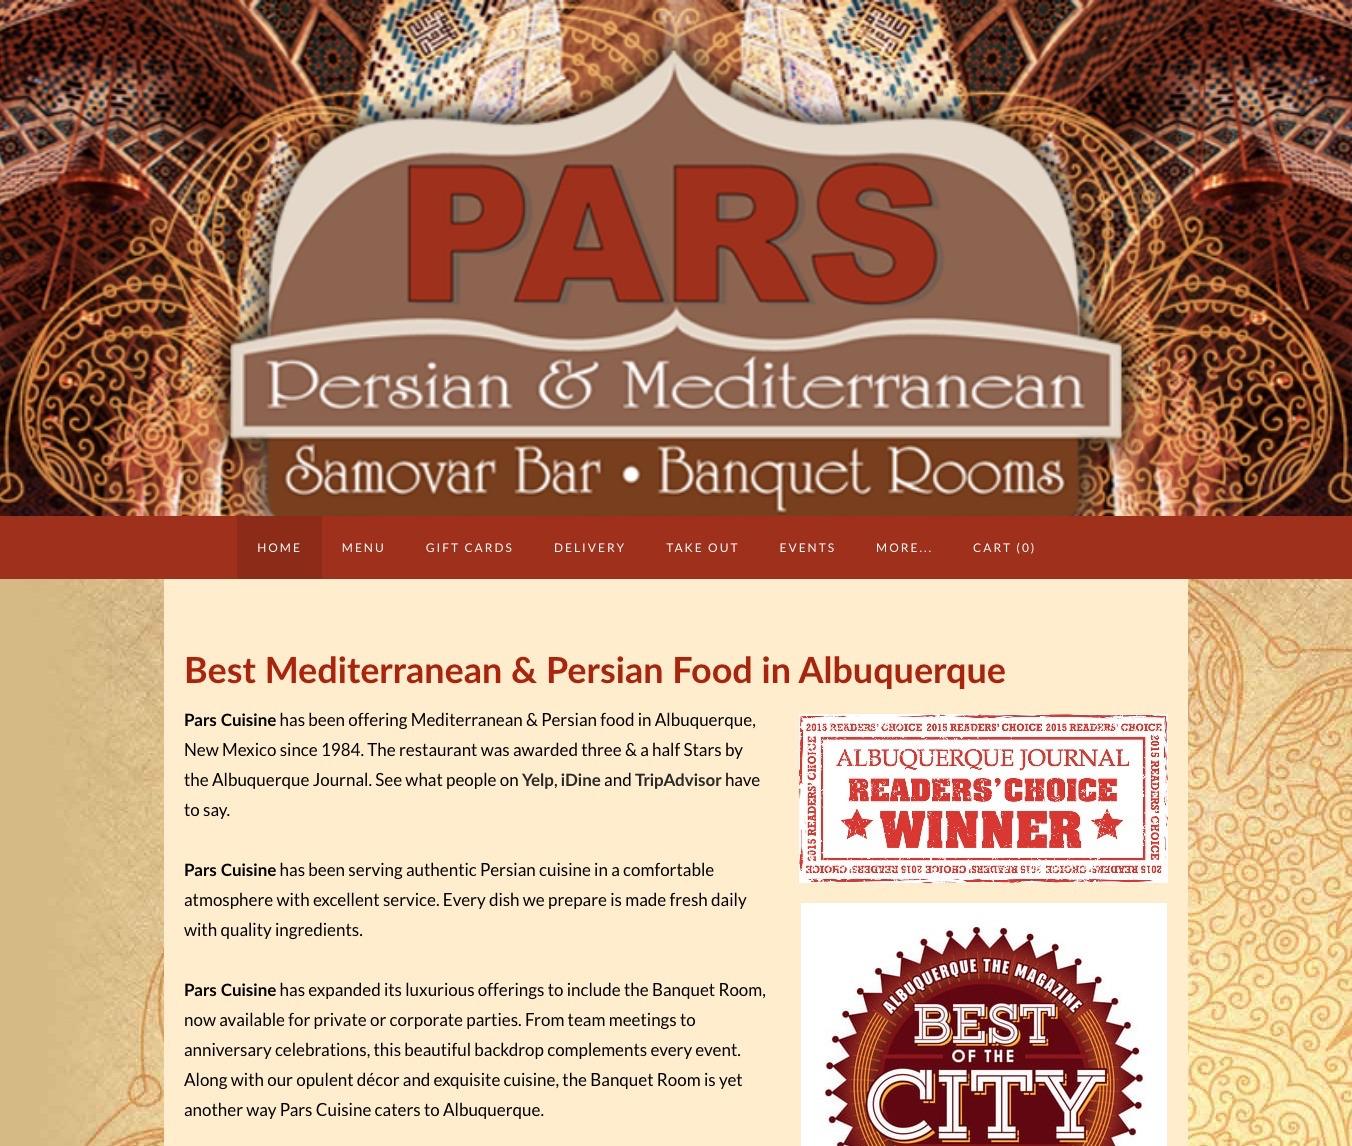 Pars Cuisine —Best Mediterranean & Persian Food in Albuquerque